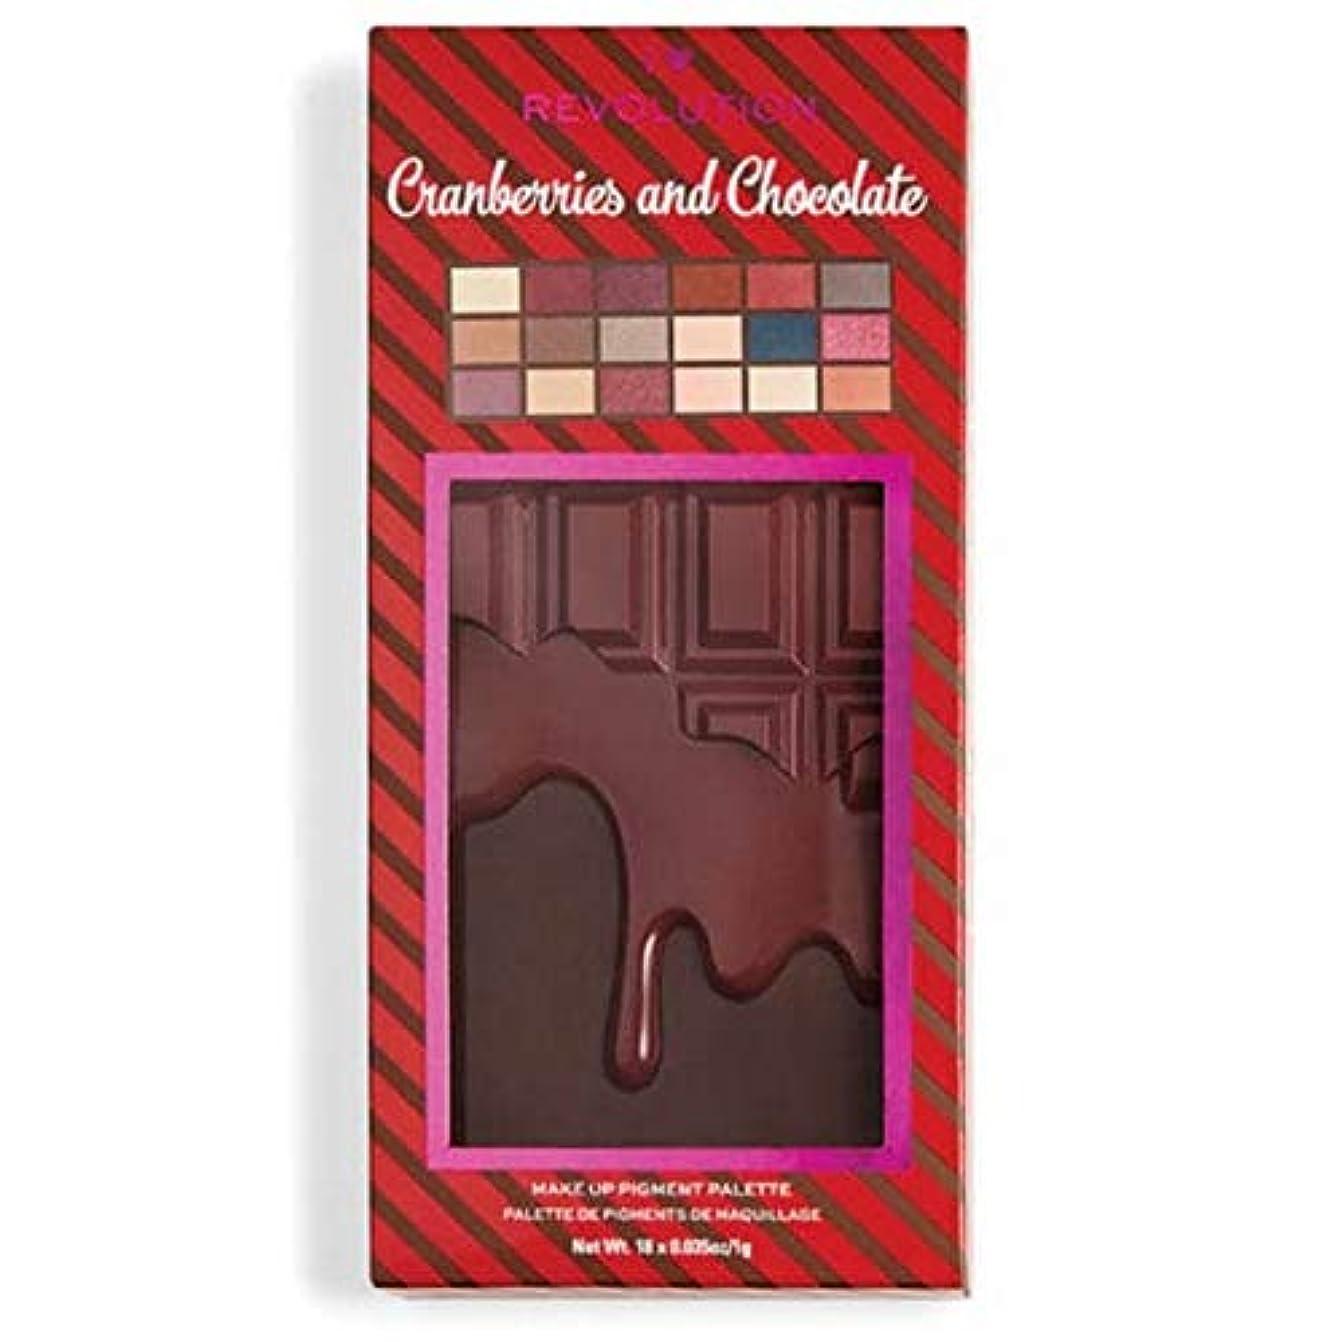 理容師してはいけません対称[I Heart Revolution ] 私の心の革命クランベリー&チョコレートパレット - I Heart Revolution Cranberries & Chocolate Palette [並行輸入品]